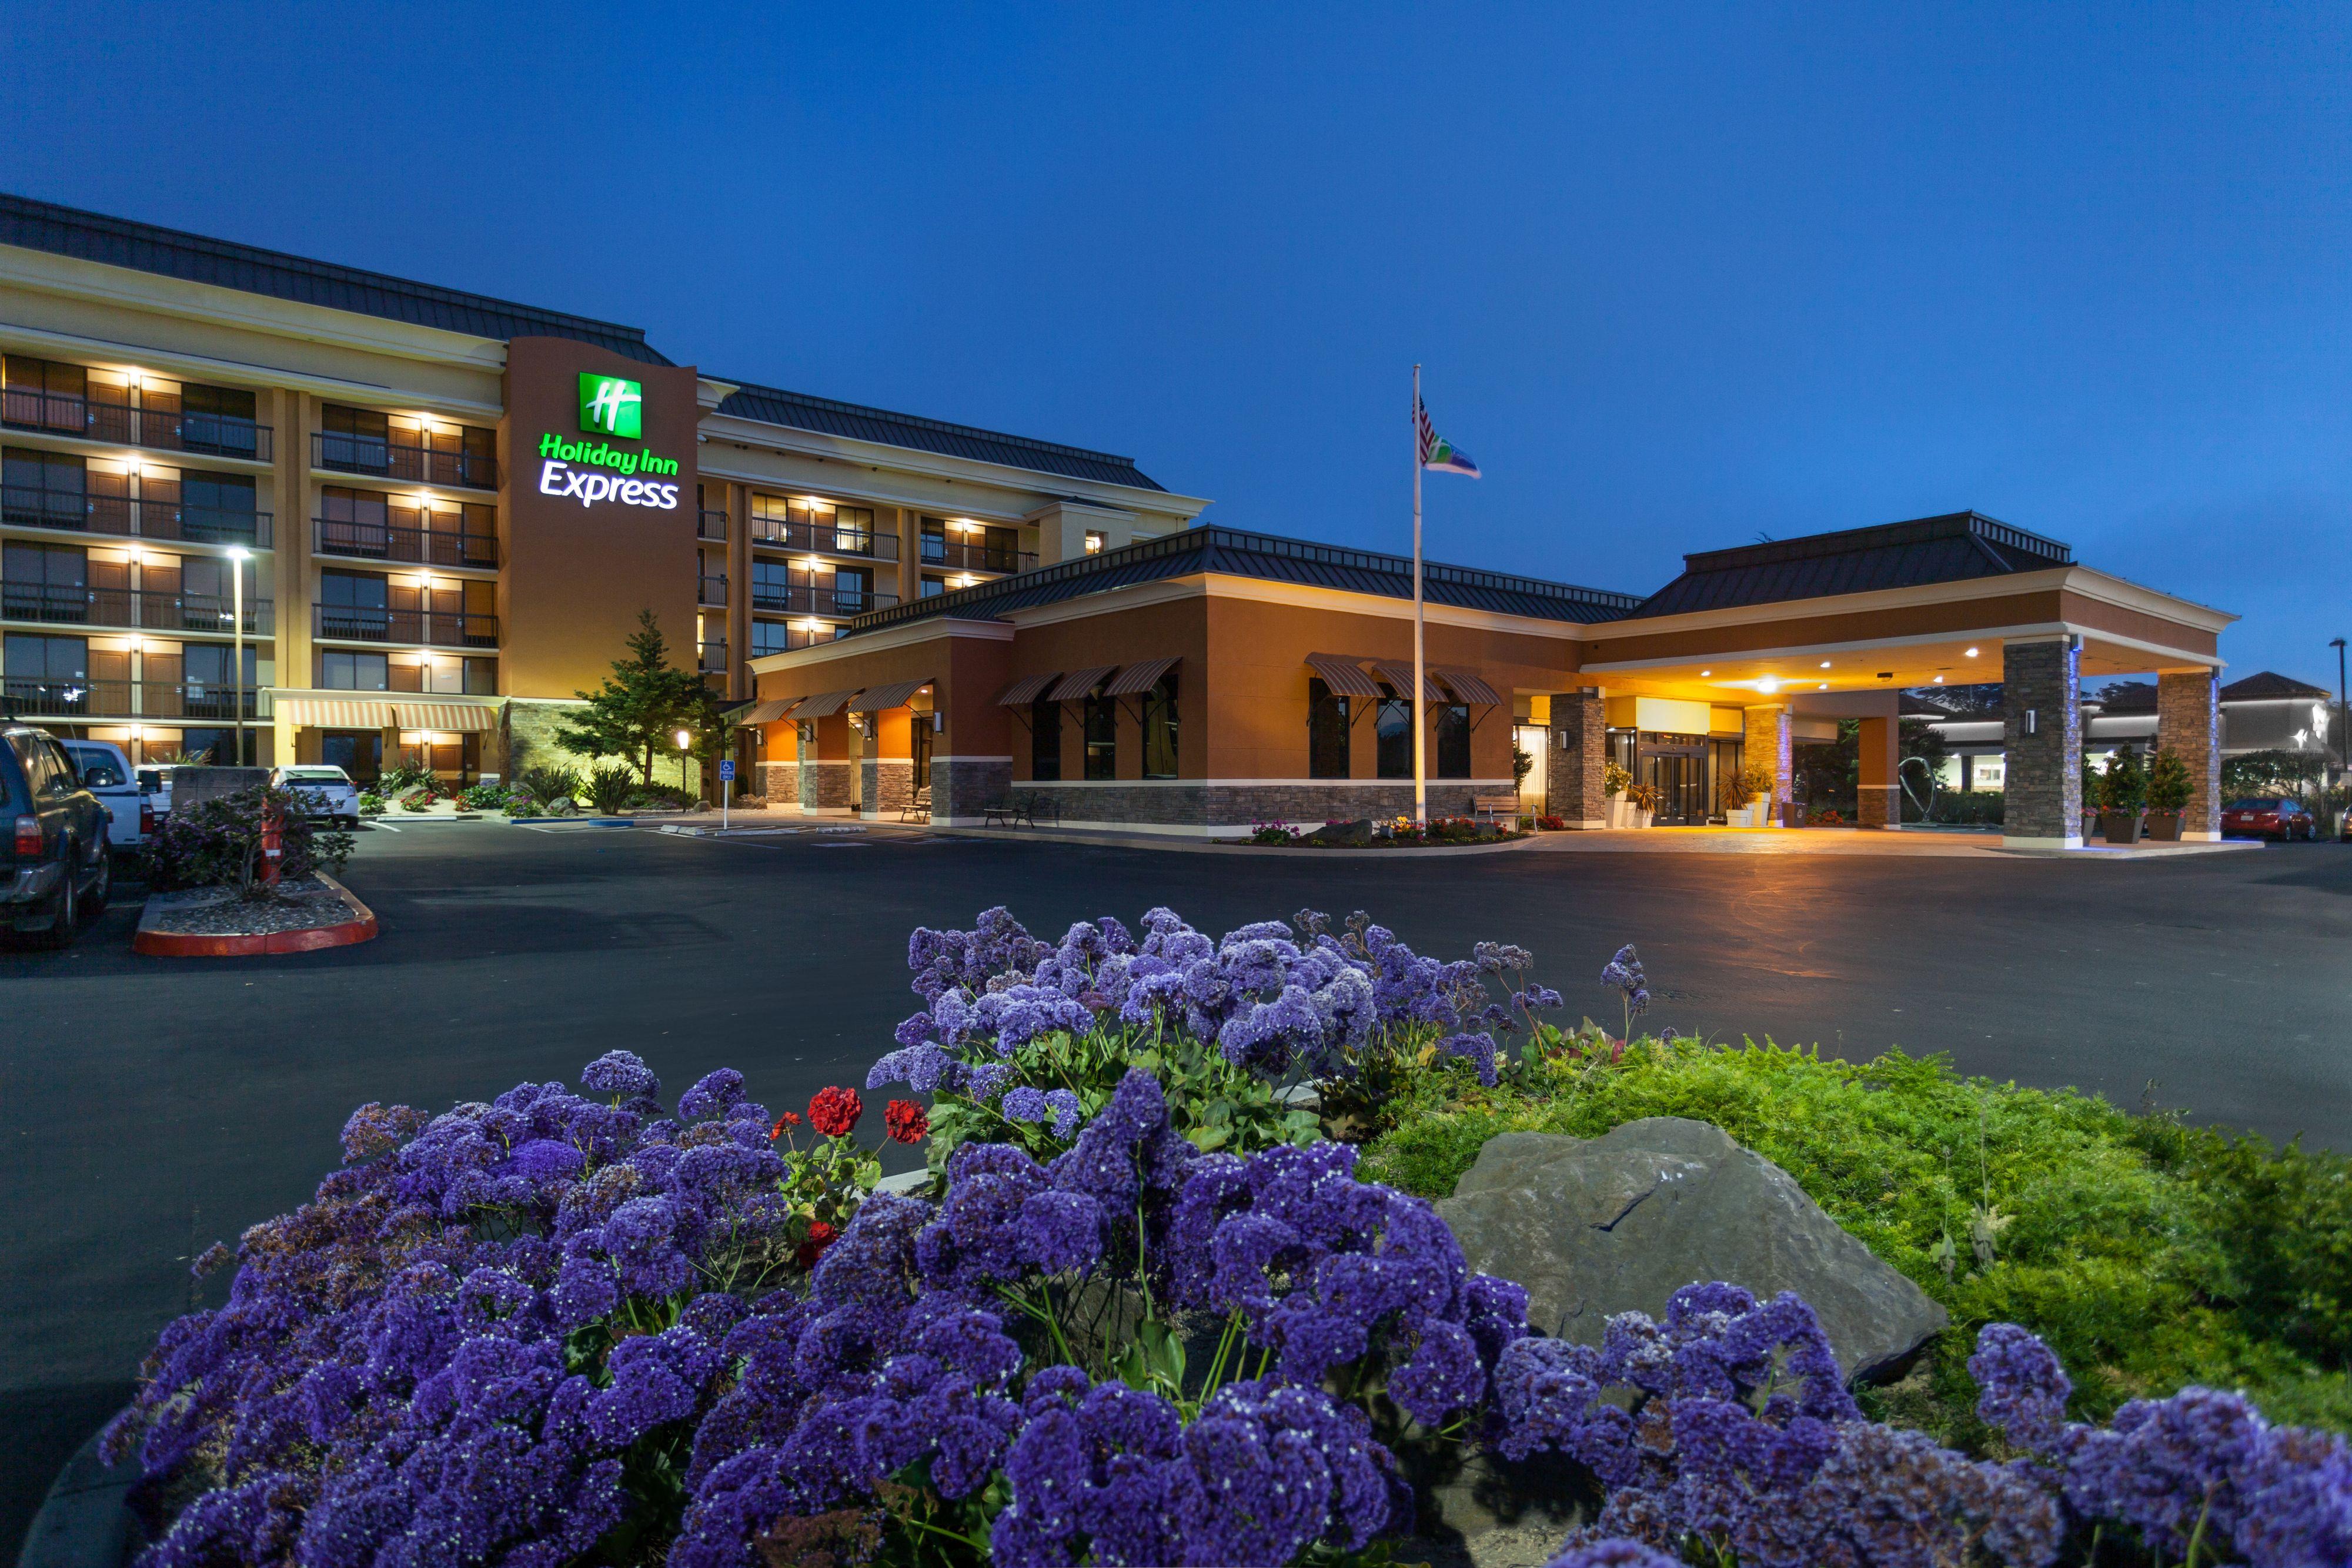 Holiday Inn Express & Suites Ashtabula-Geneva image 5